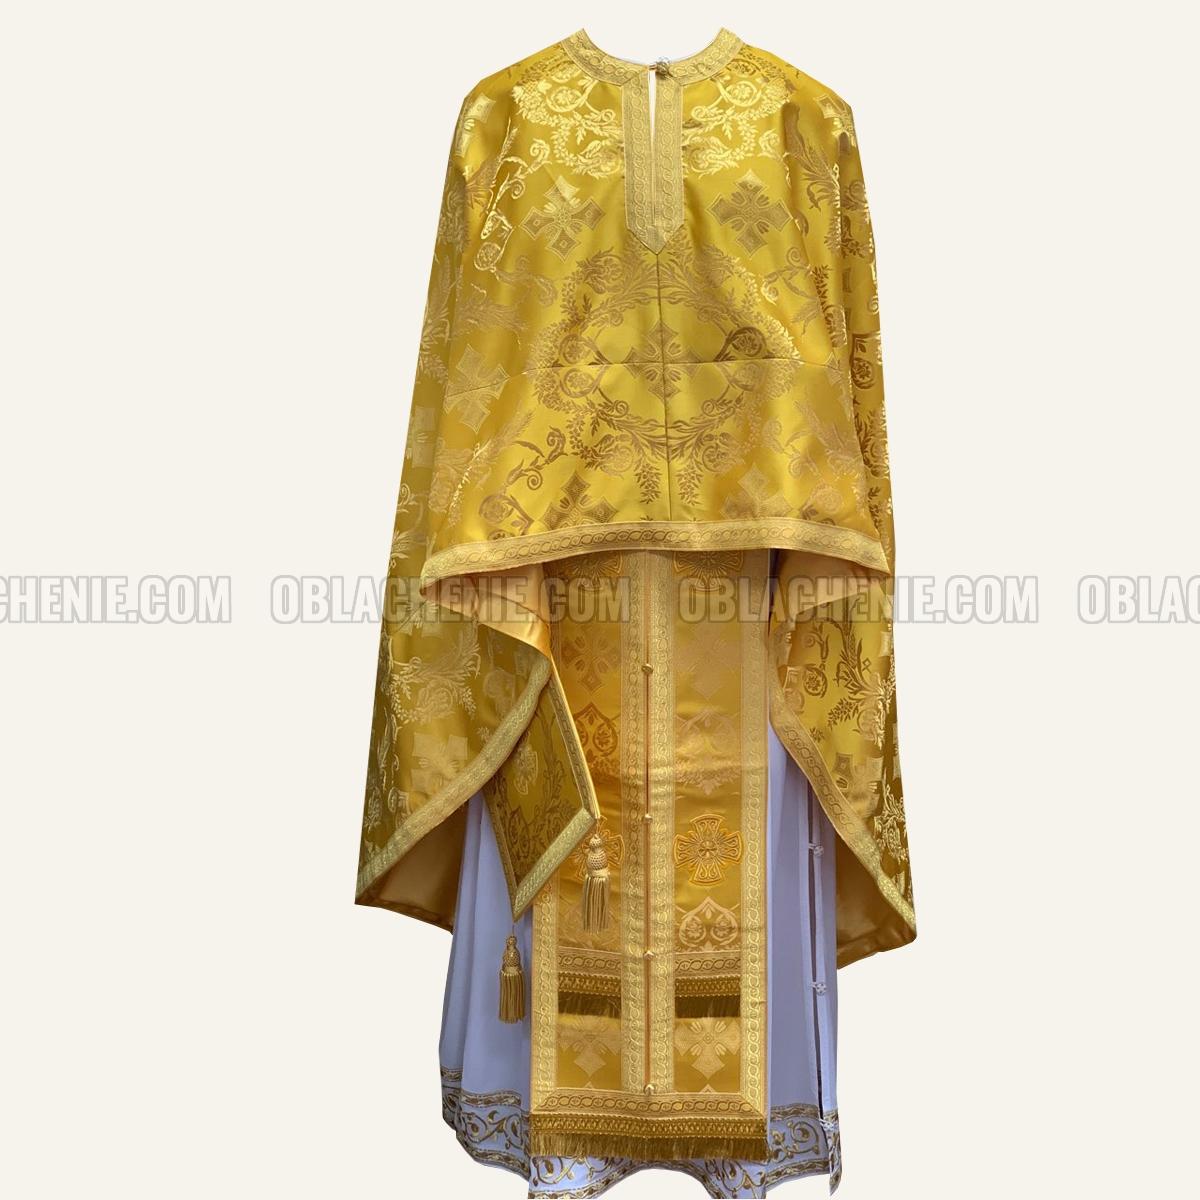 Priest's vestments 10142